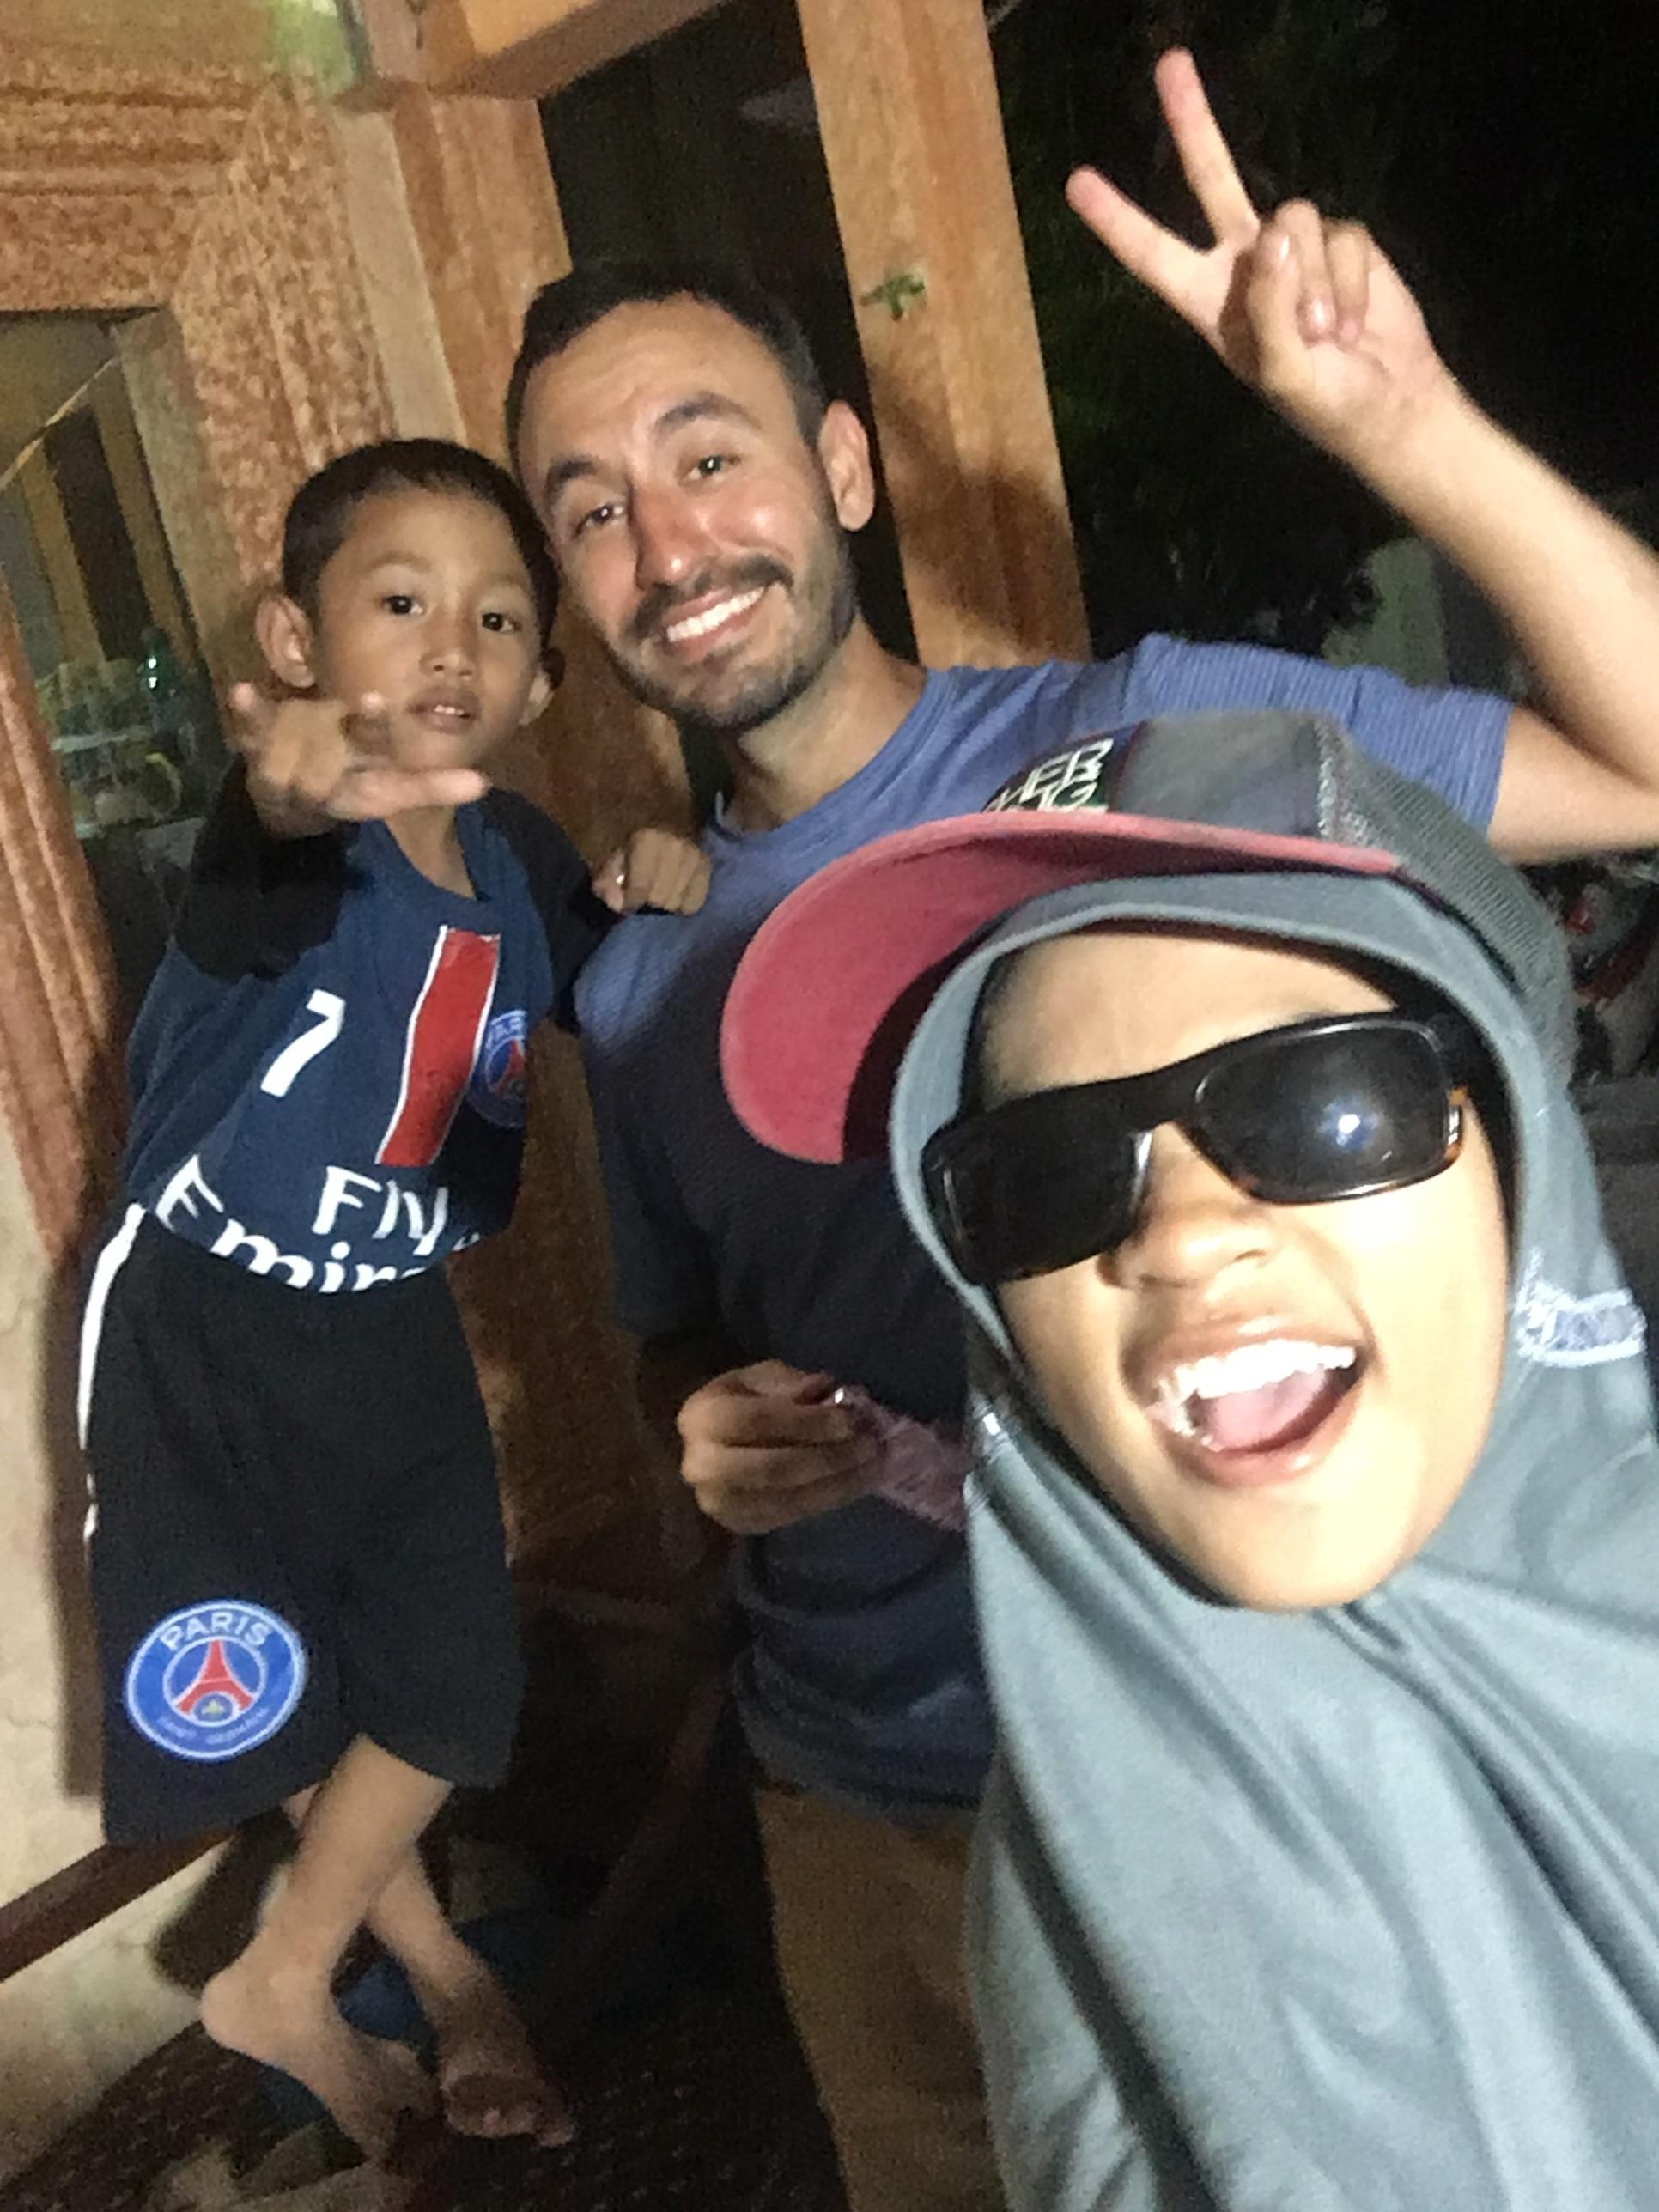 Silvia, Rasya, and I